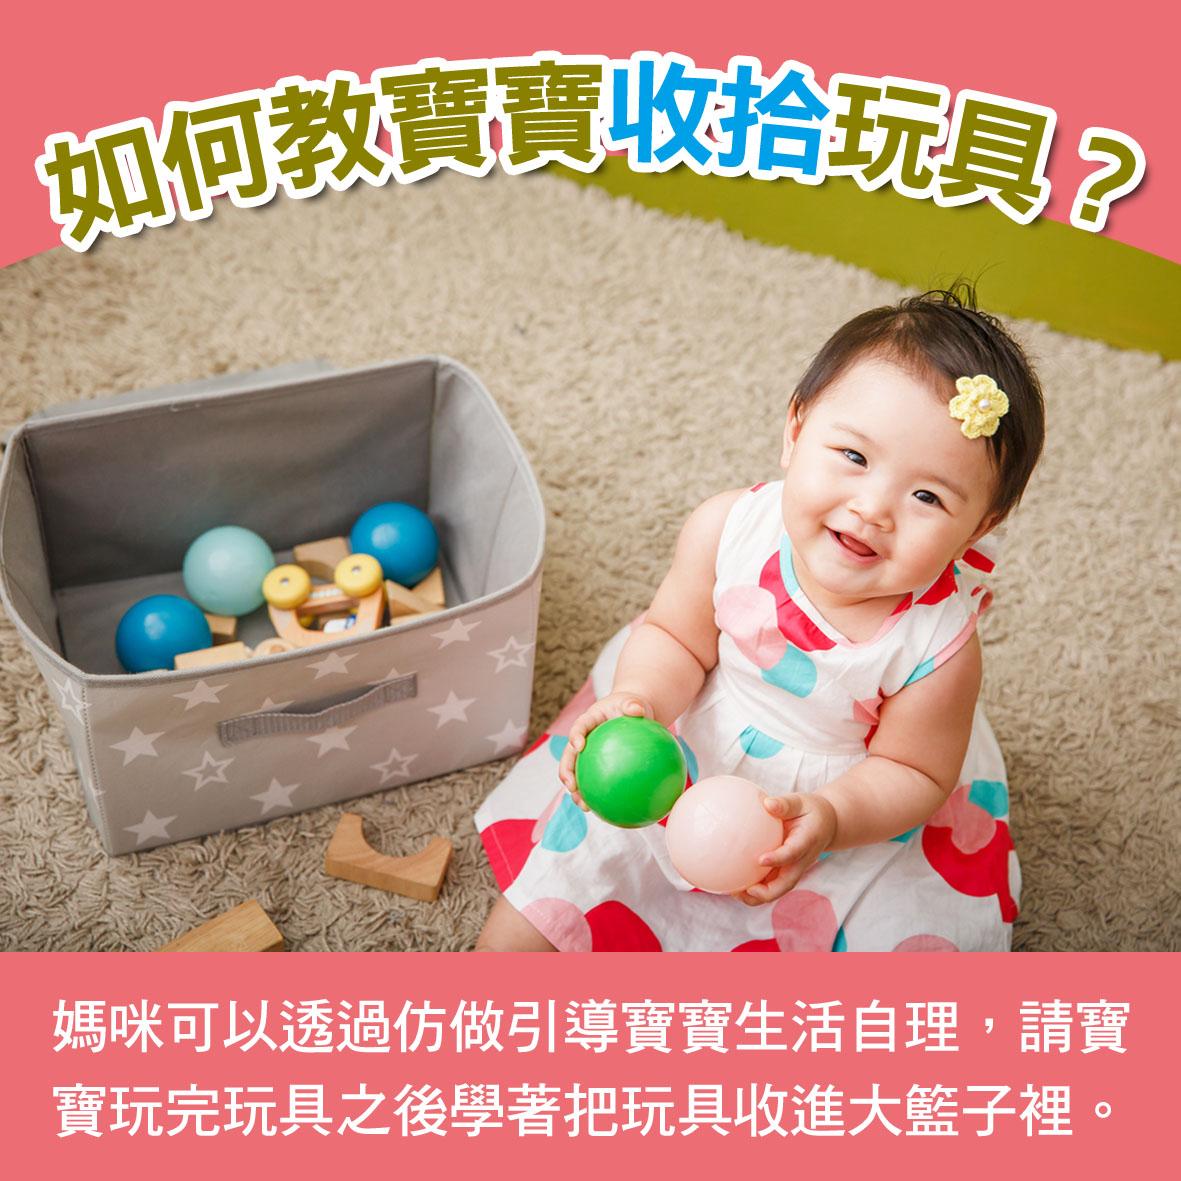 寶寶篇第42週-如何教寶寶收拾玩具?